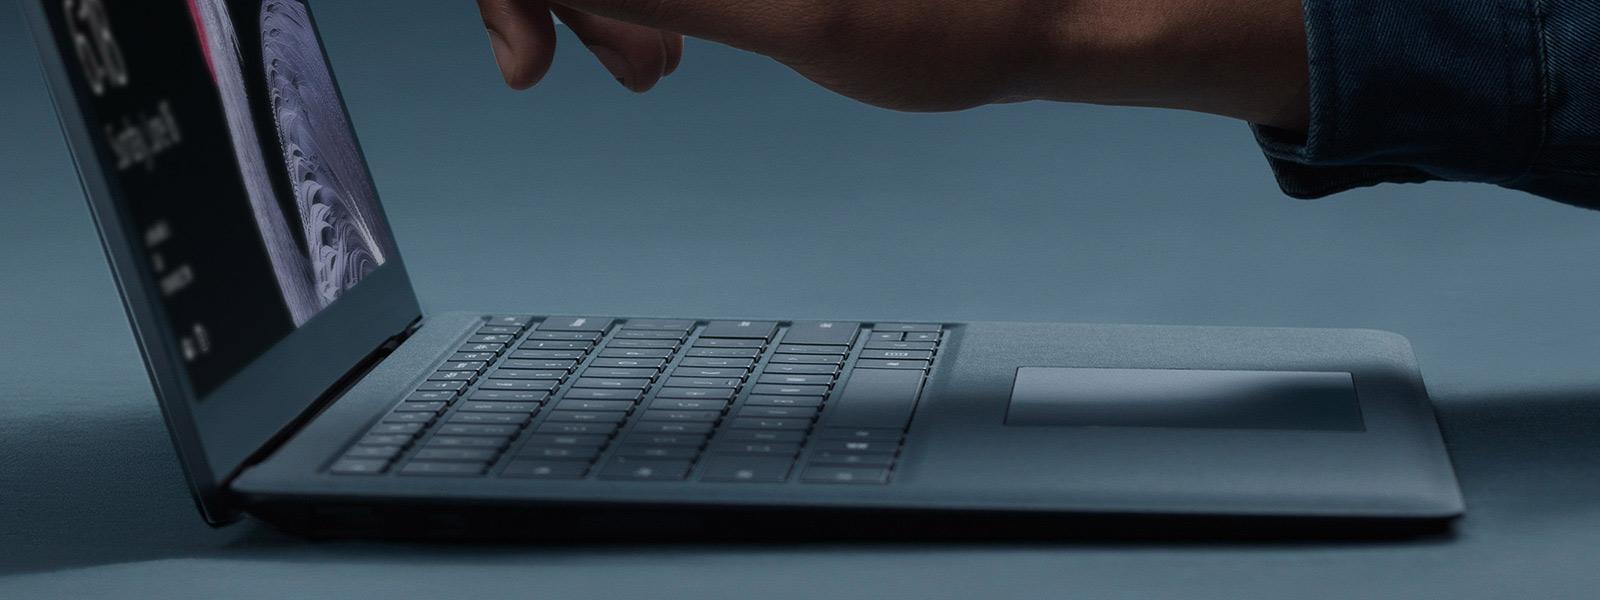 強調 Surface Laptop 使用便利、精簡設計且用一隻手就能打開的影像